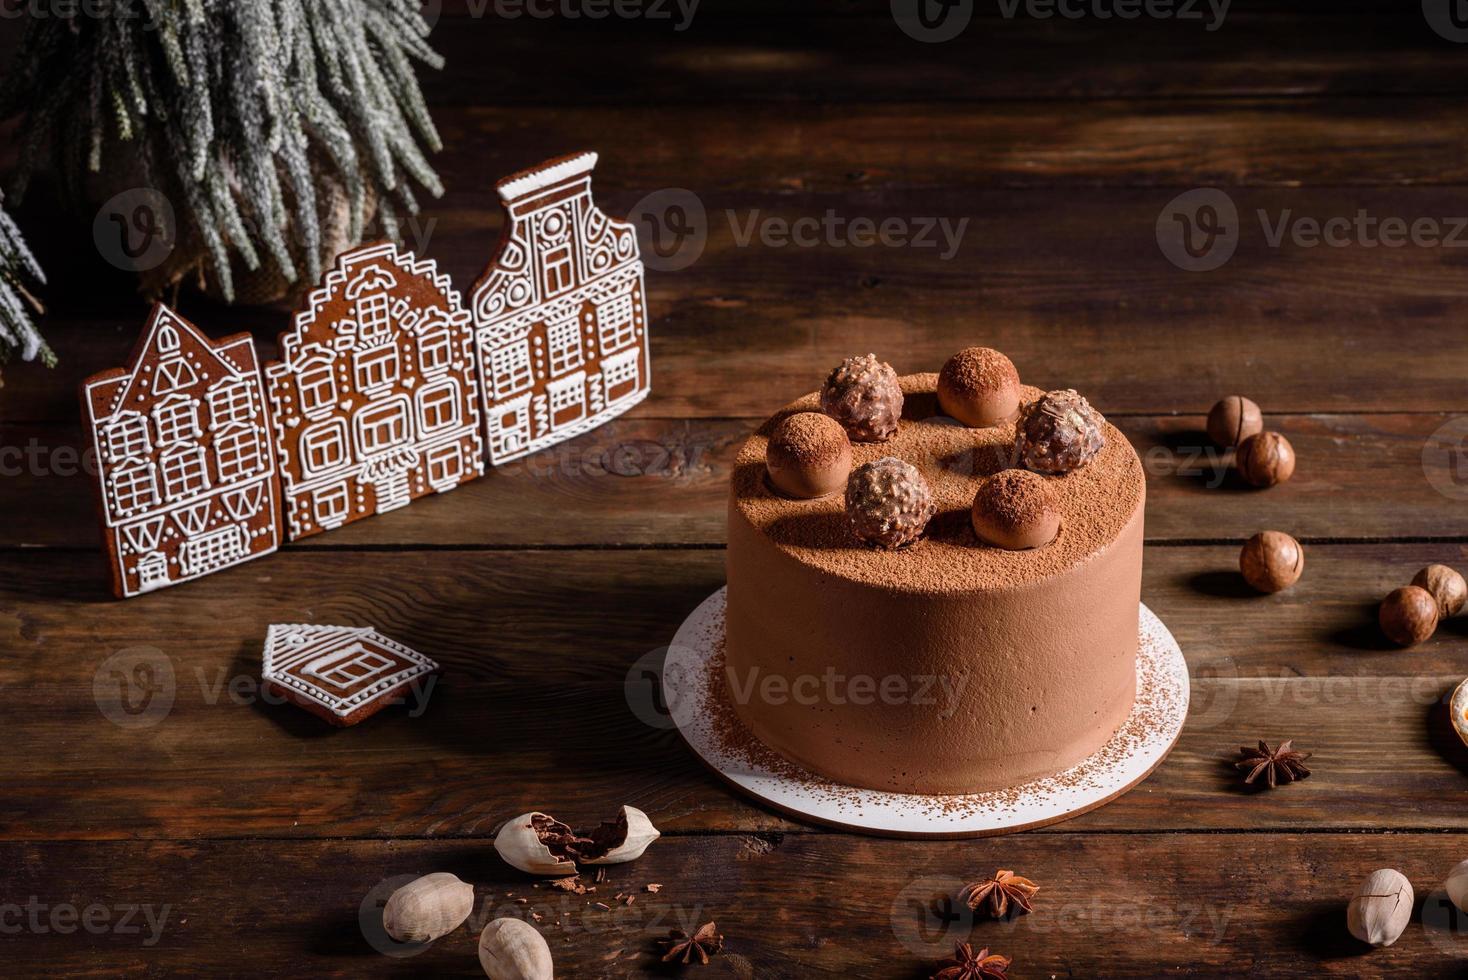 Deliciosos dulces hermosos en una mesa de madera oscura en la víspera de Navidad foto